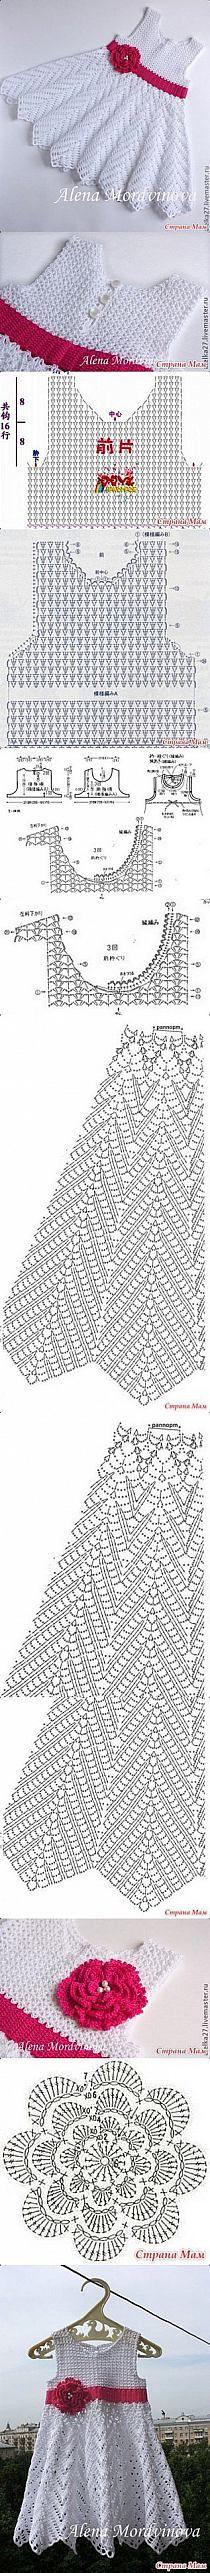 160 mejores imágenes de tejidos de niños | Knitting patterns ...